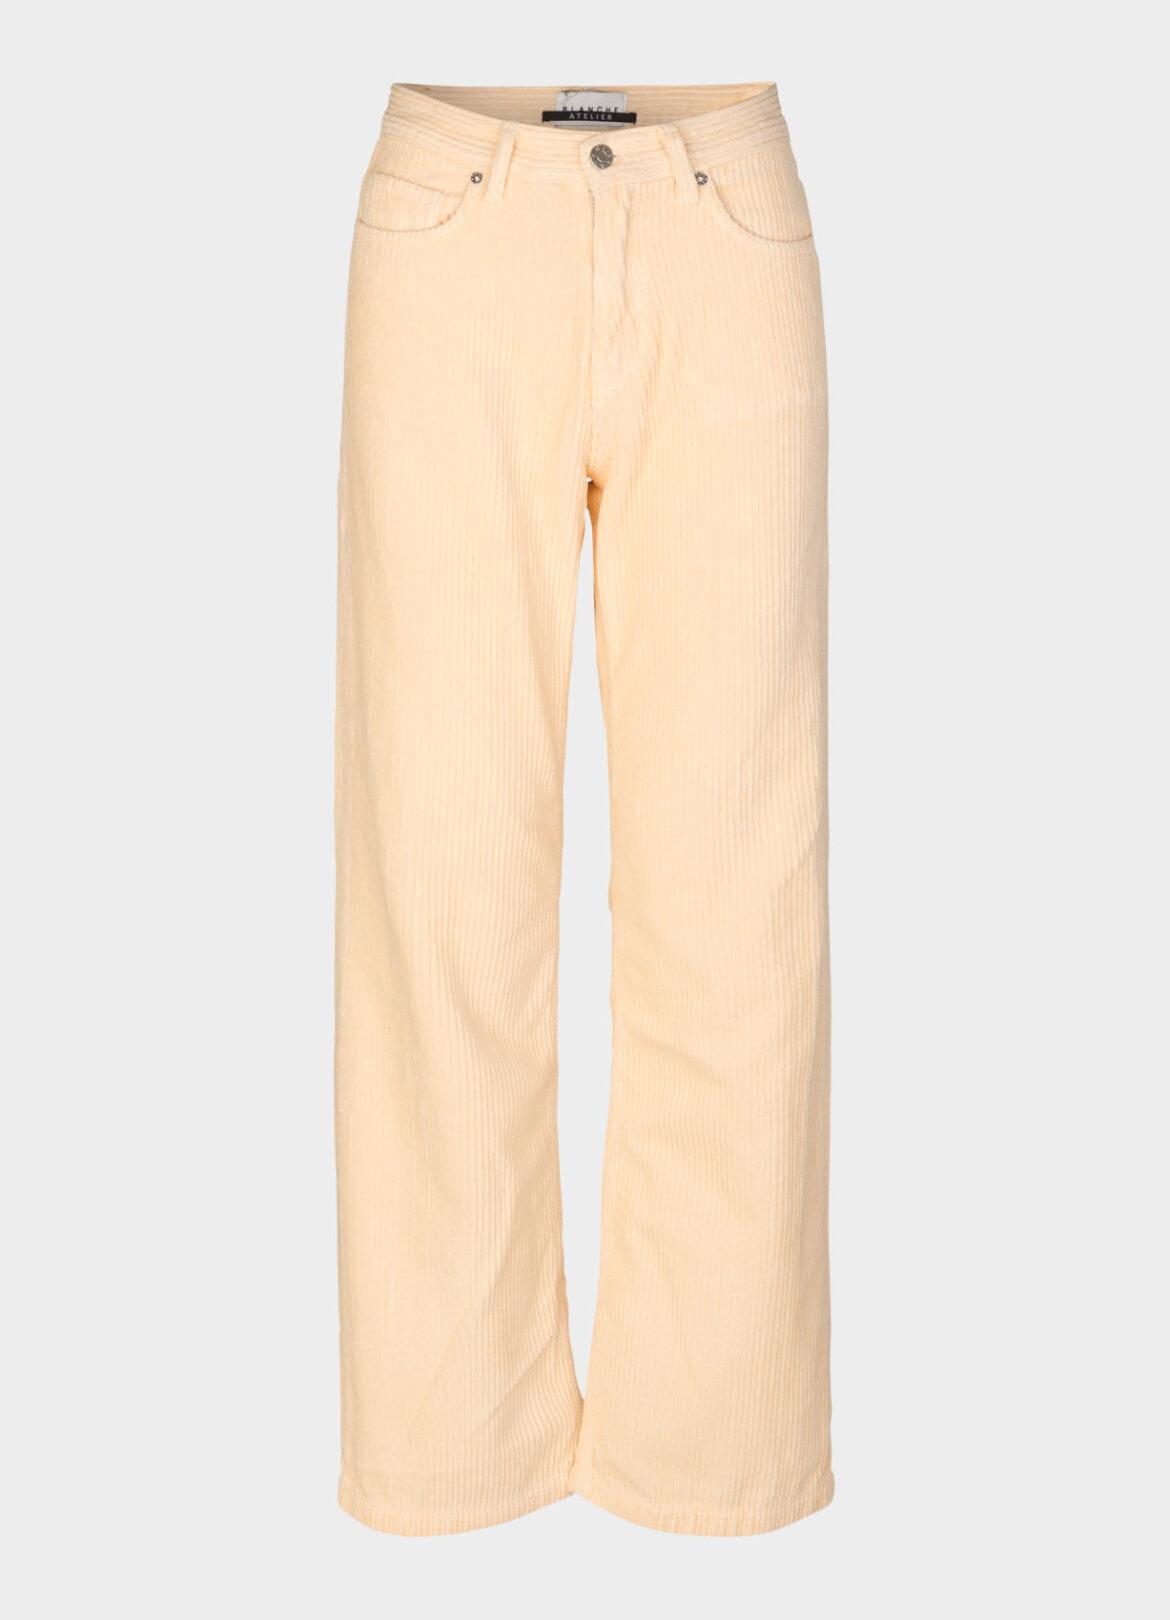 Blanche Apollo Cord Jeans